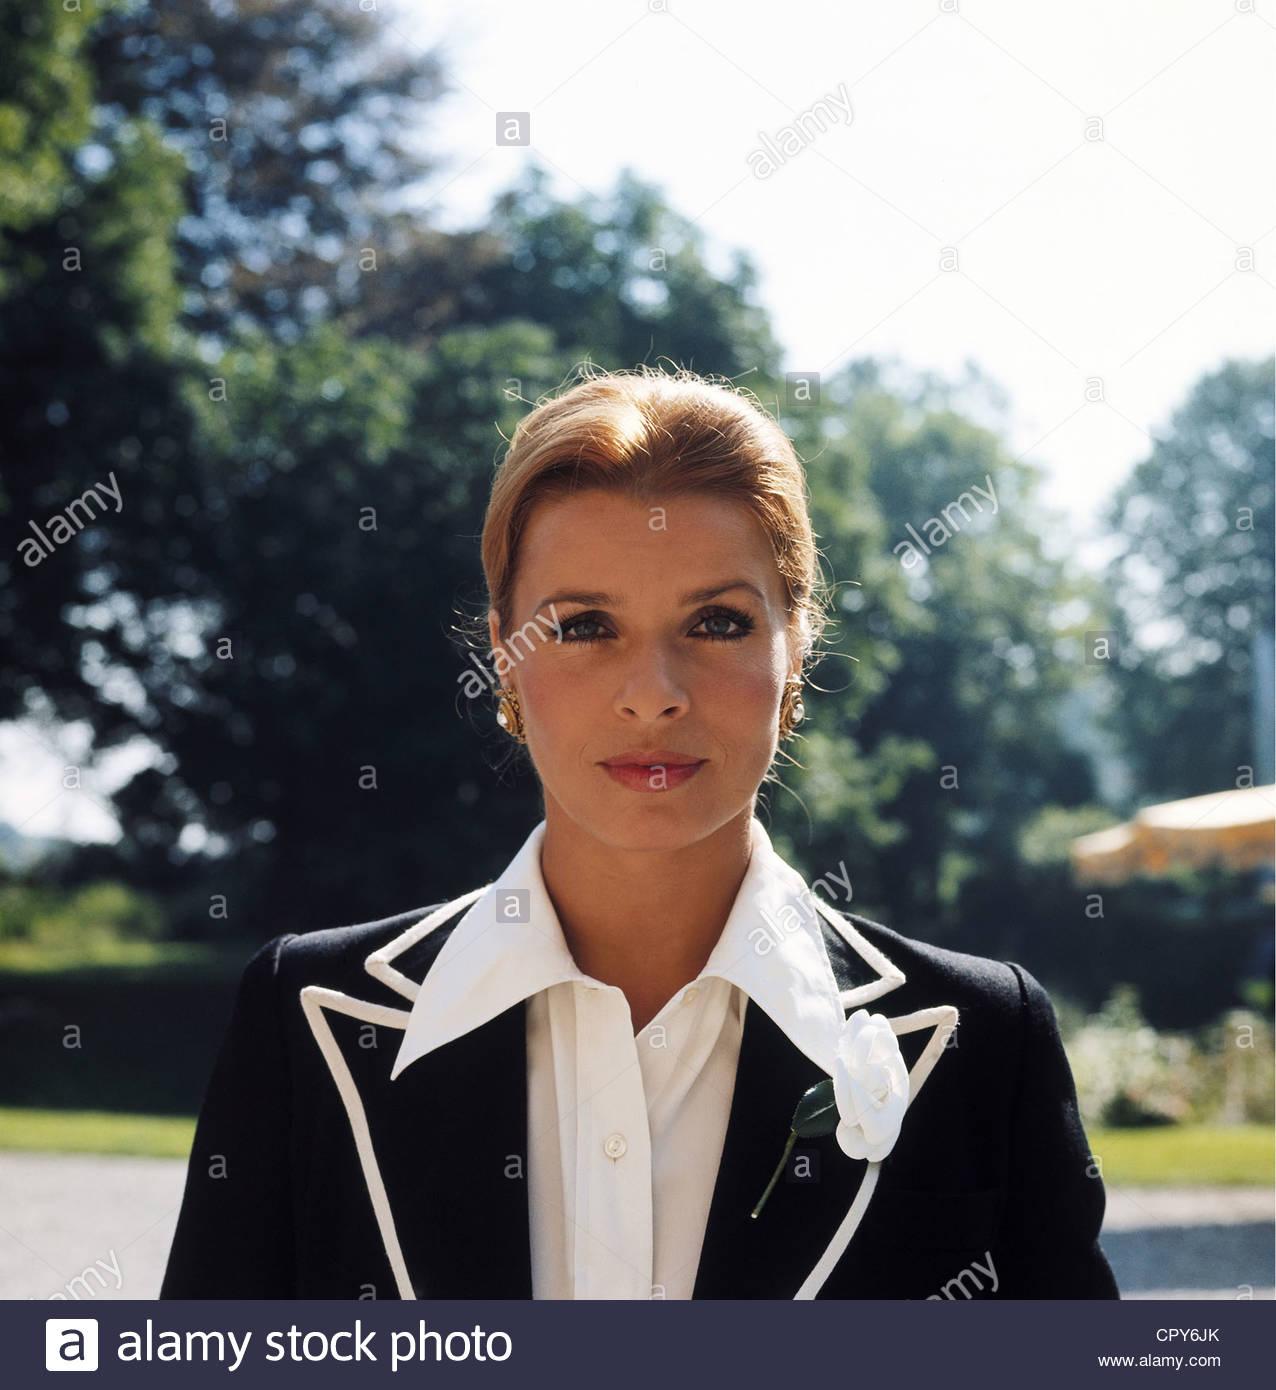 , Senta Berger, * 13.5.1941, actriz austríaca, retrato, circa 1980, moda, collar, Imagen De Stock